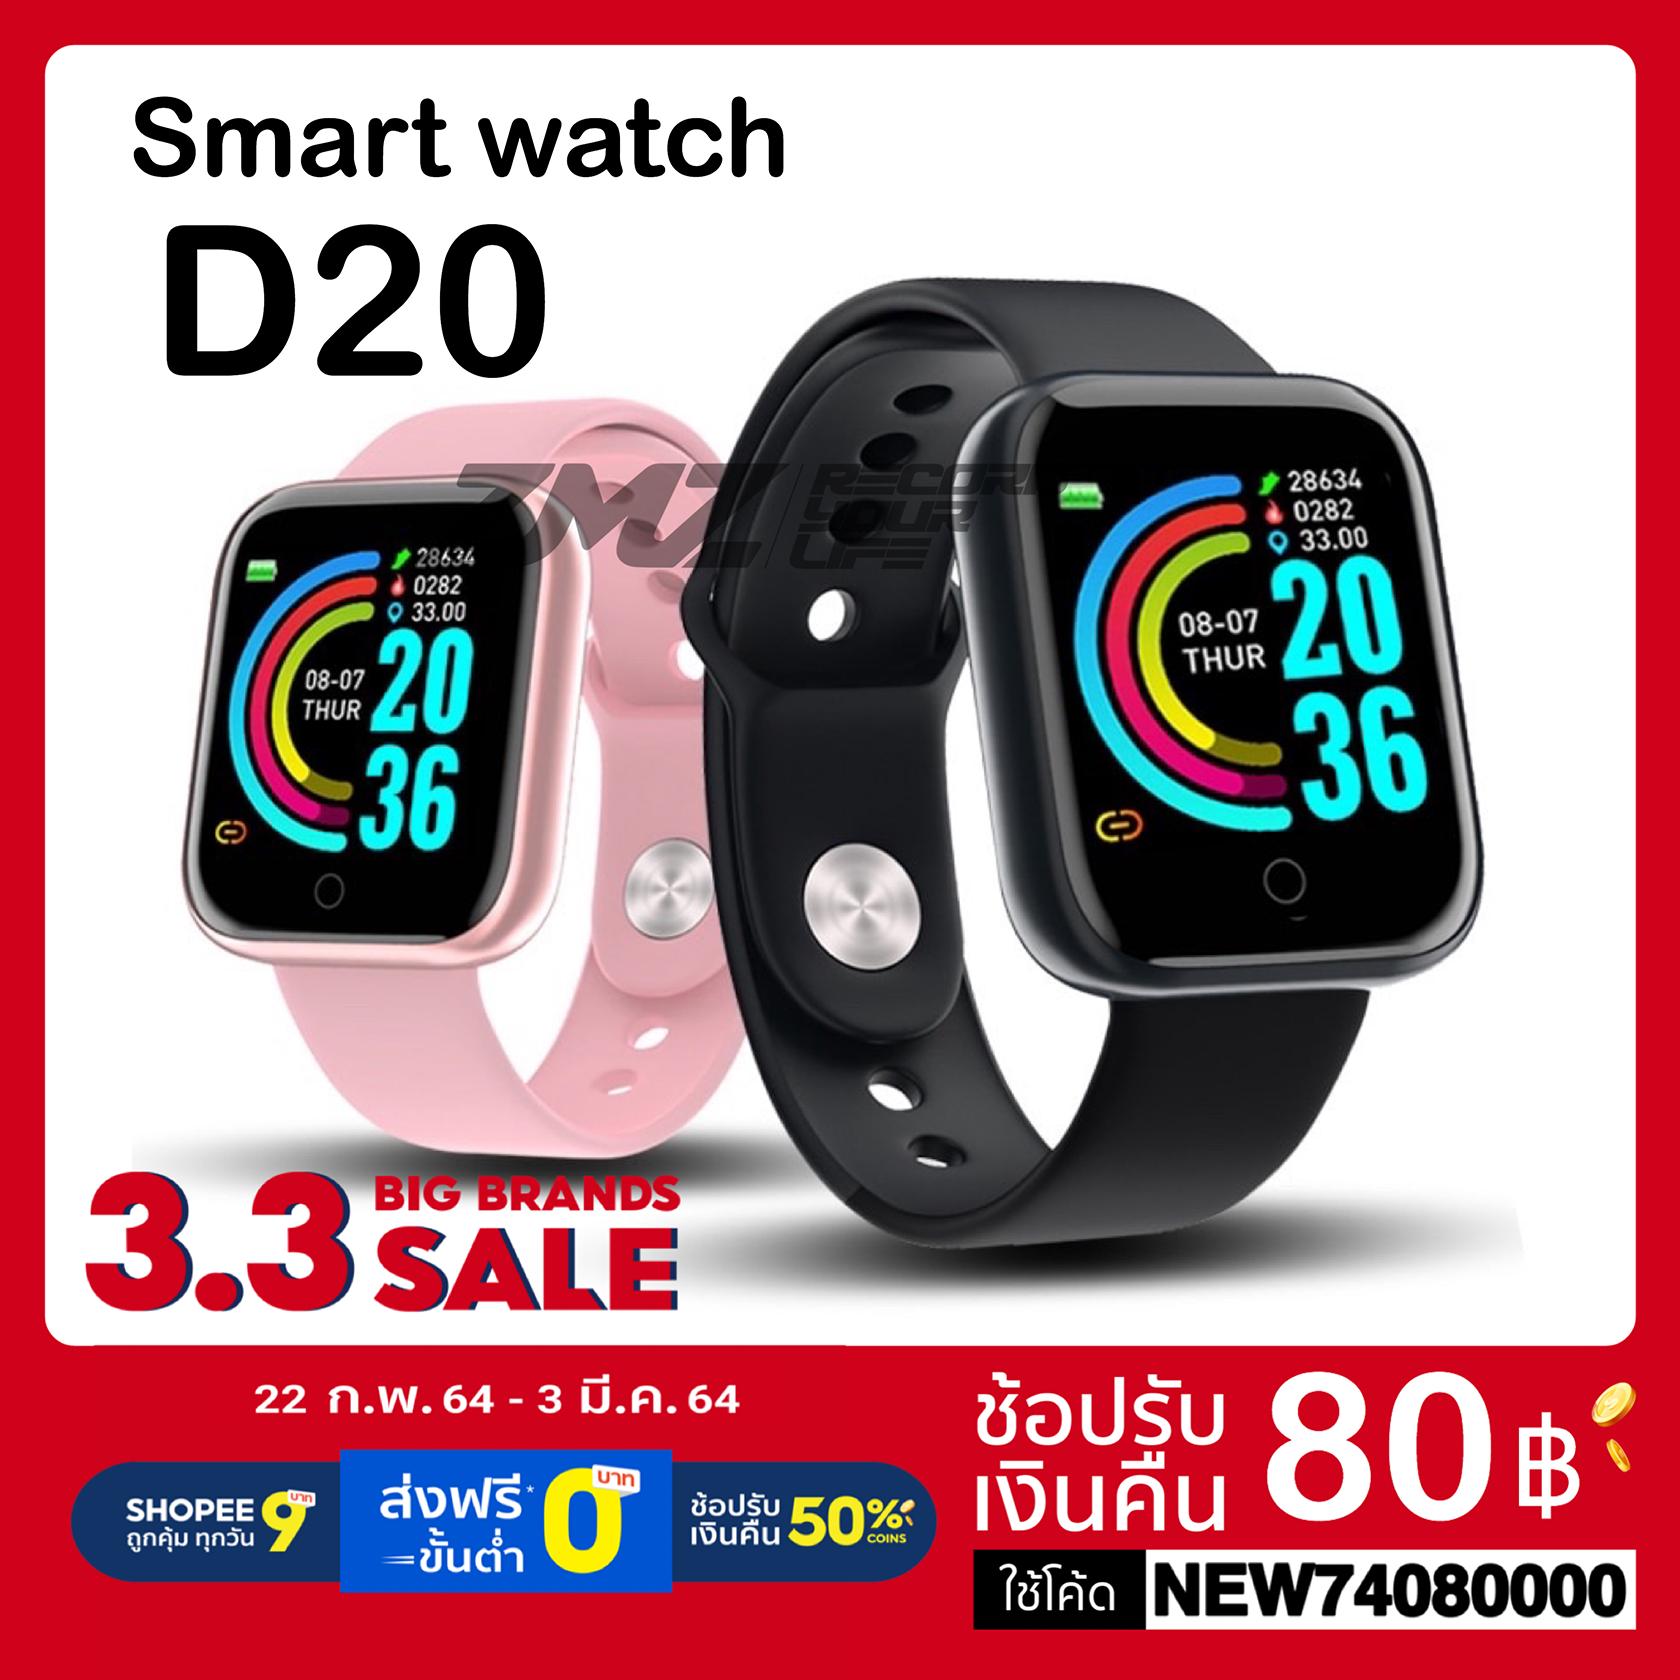 [เก็บโค้ดหน้าร้าน ลด40.-] D20 นาฬิกาสมาร์ทwaterproof Smart Watchสัมผัสได้เต็มจอ รองรับภาษาไทย วัดชีพจร ความดัน นับก้าว.